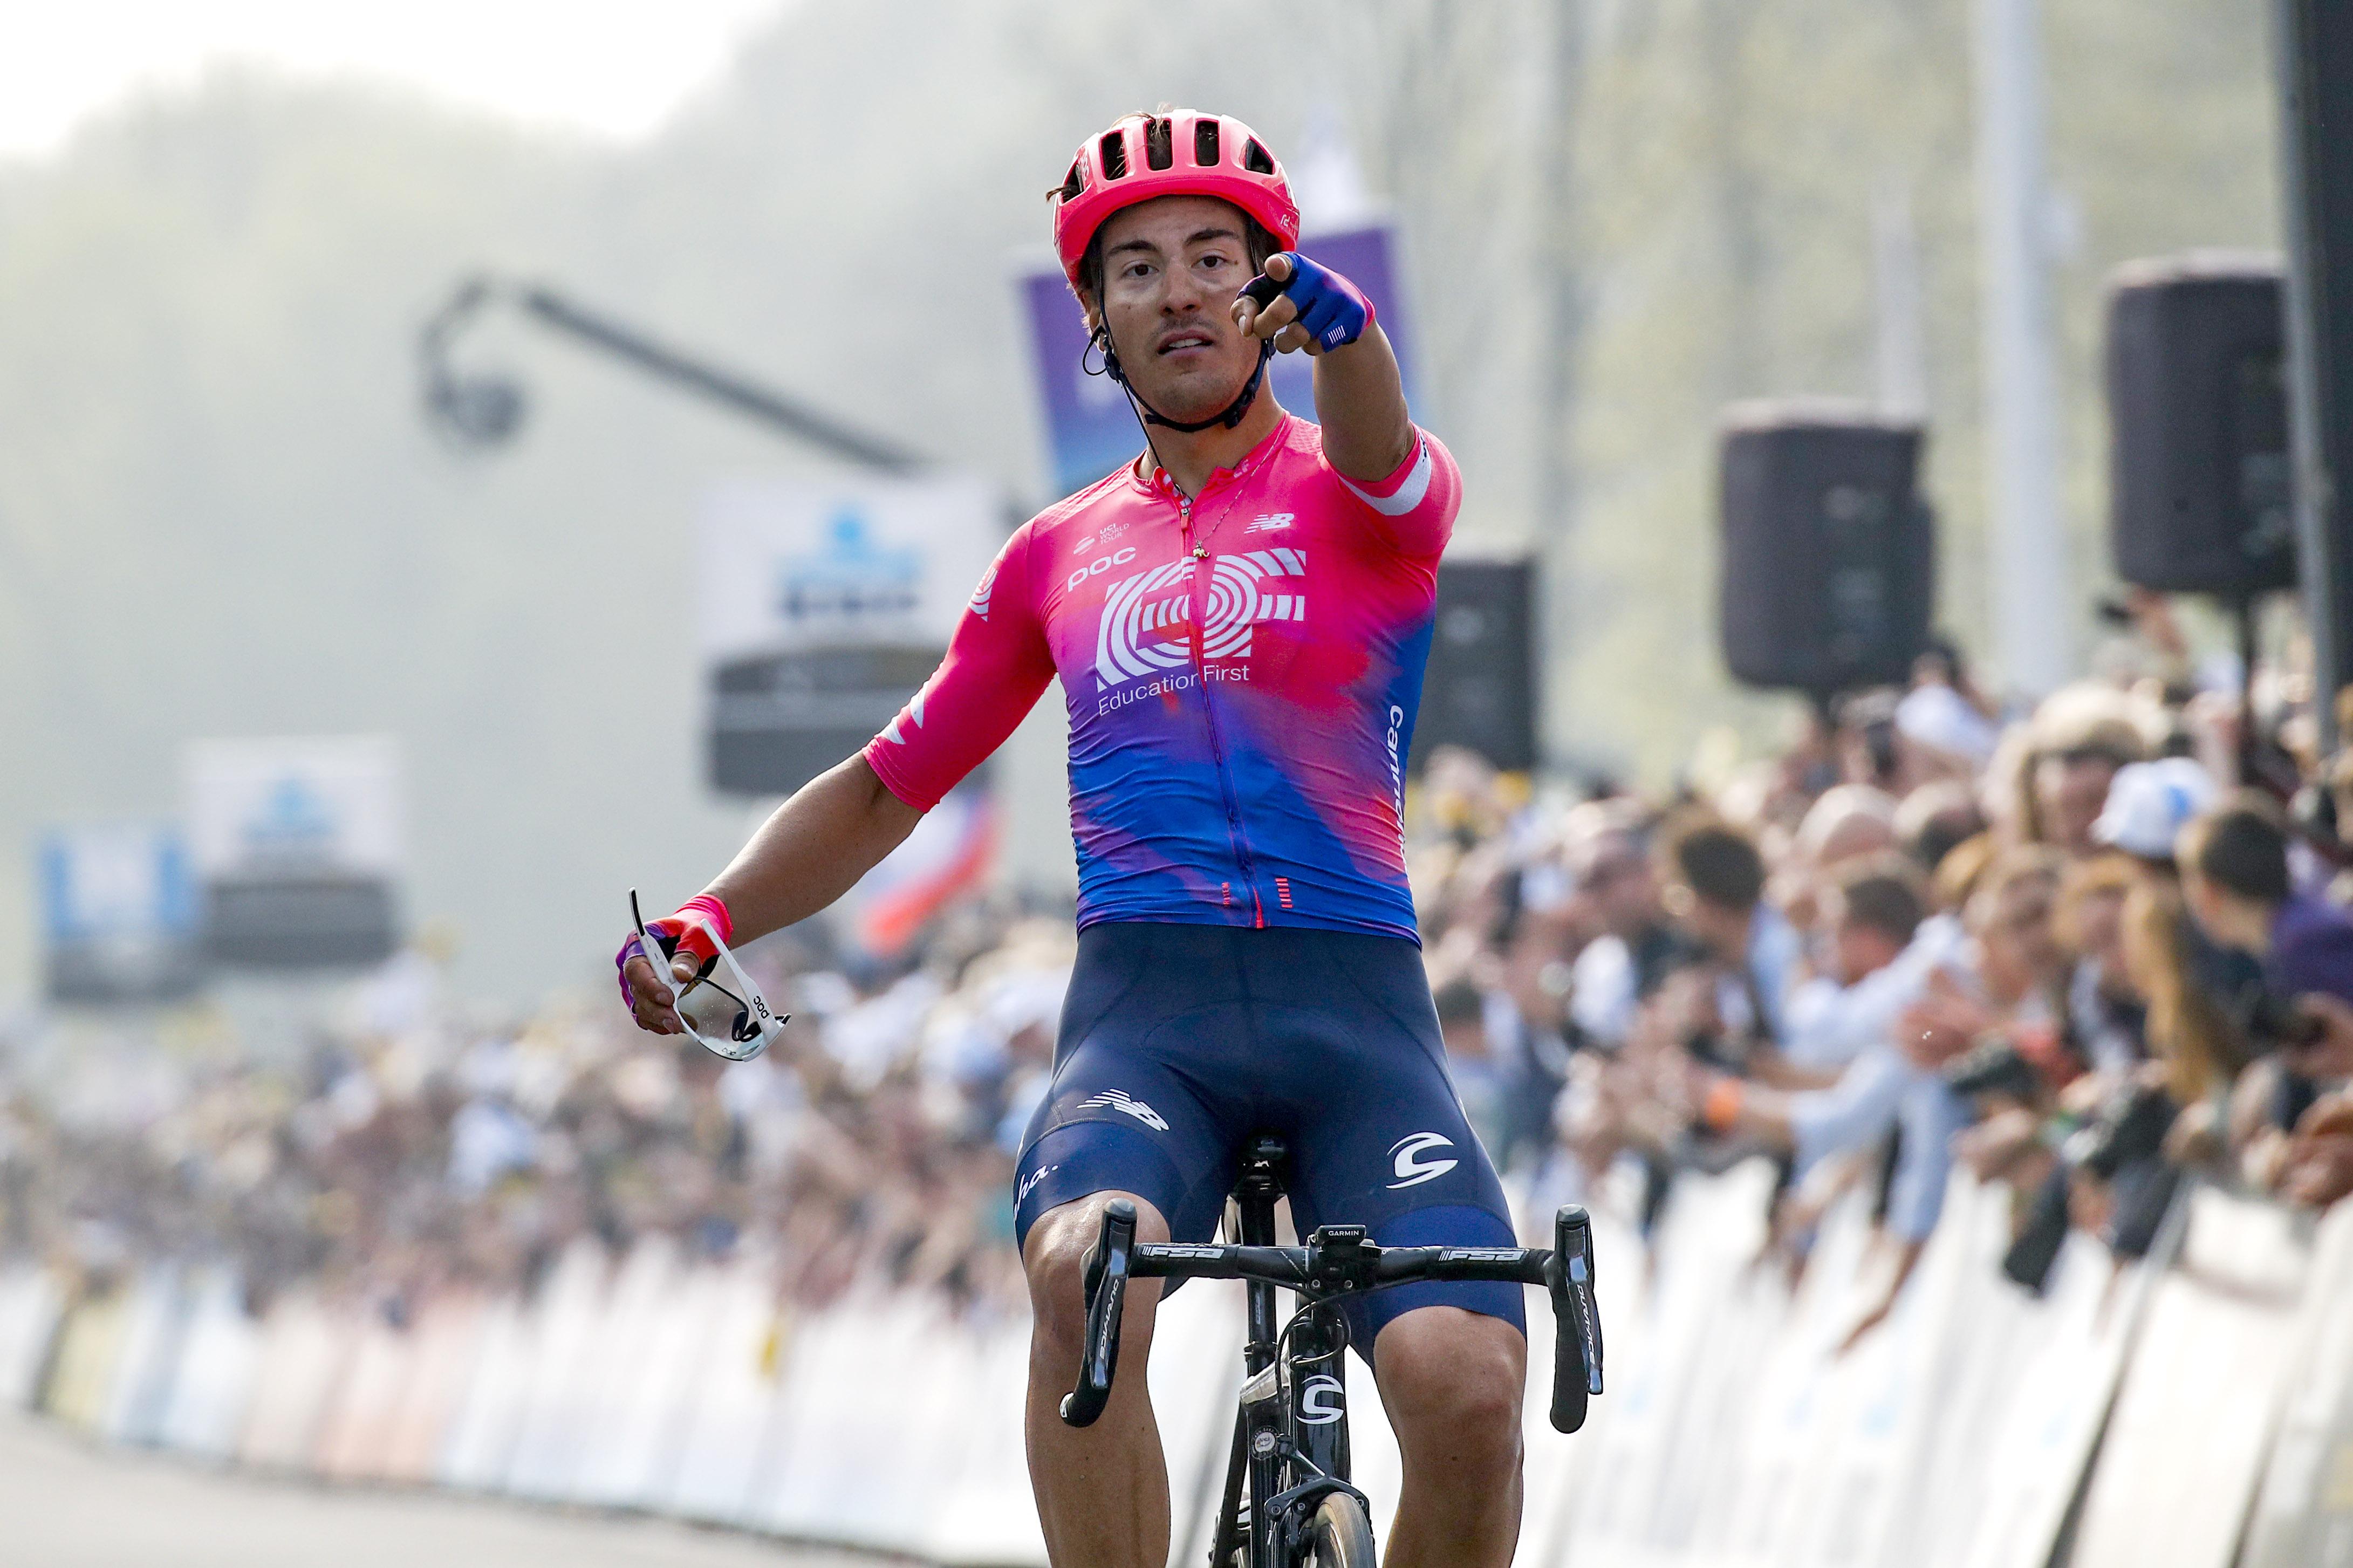 Alberto Bettiol, in occasione del Giro delle Fiandre, promuove un'asta di solidarietà per il Meyer